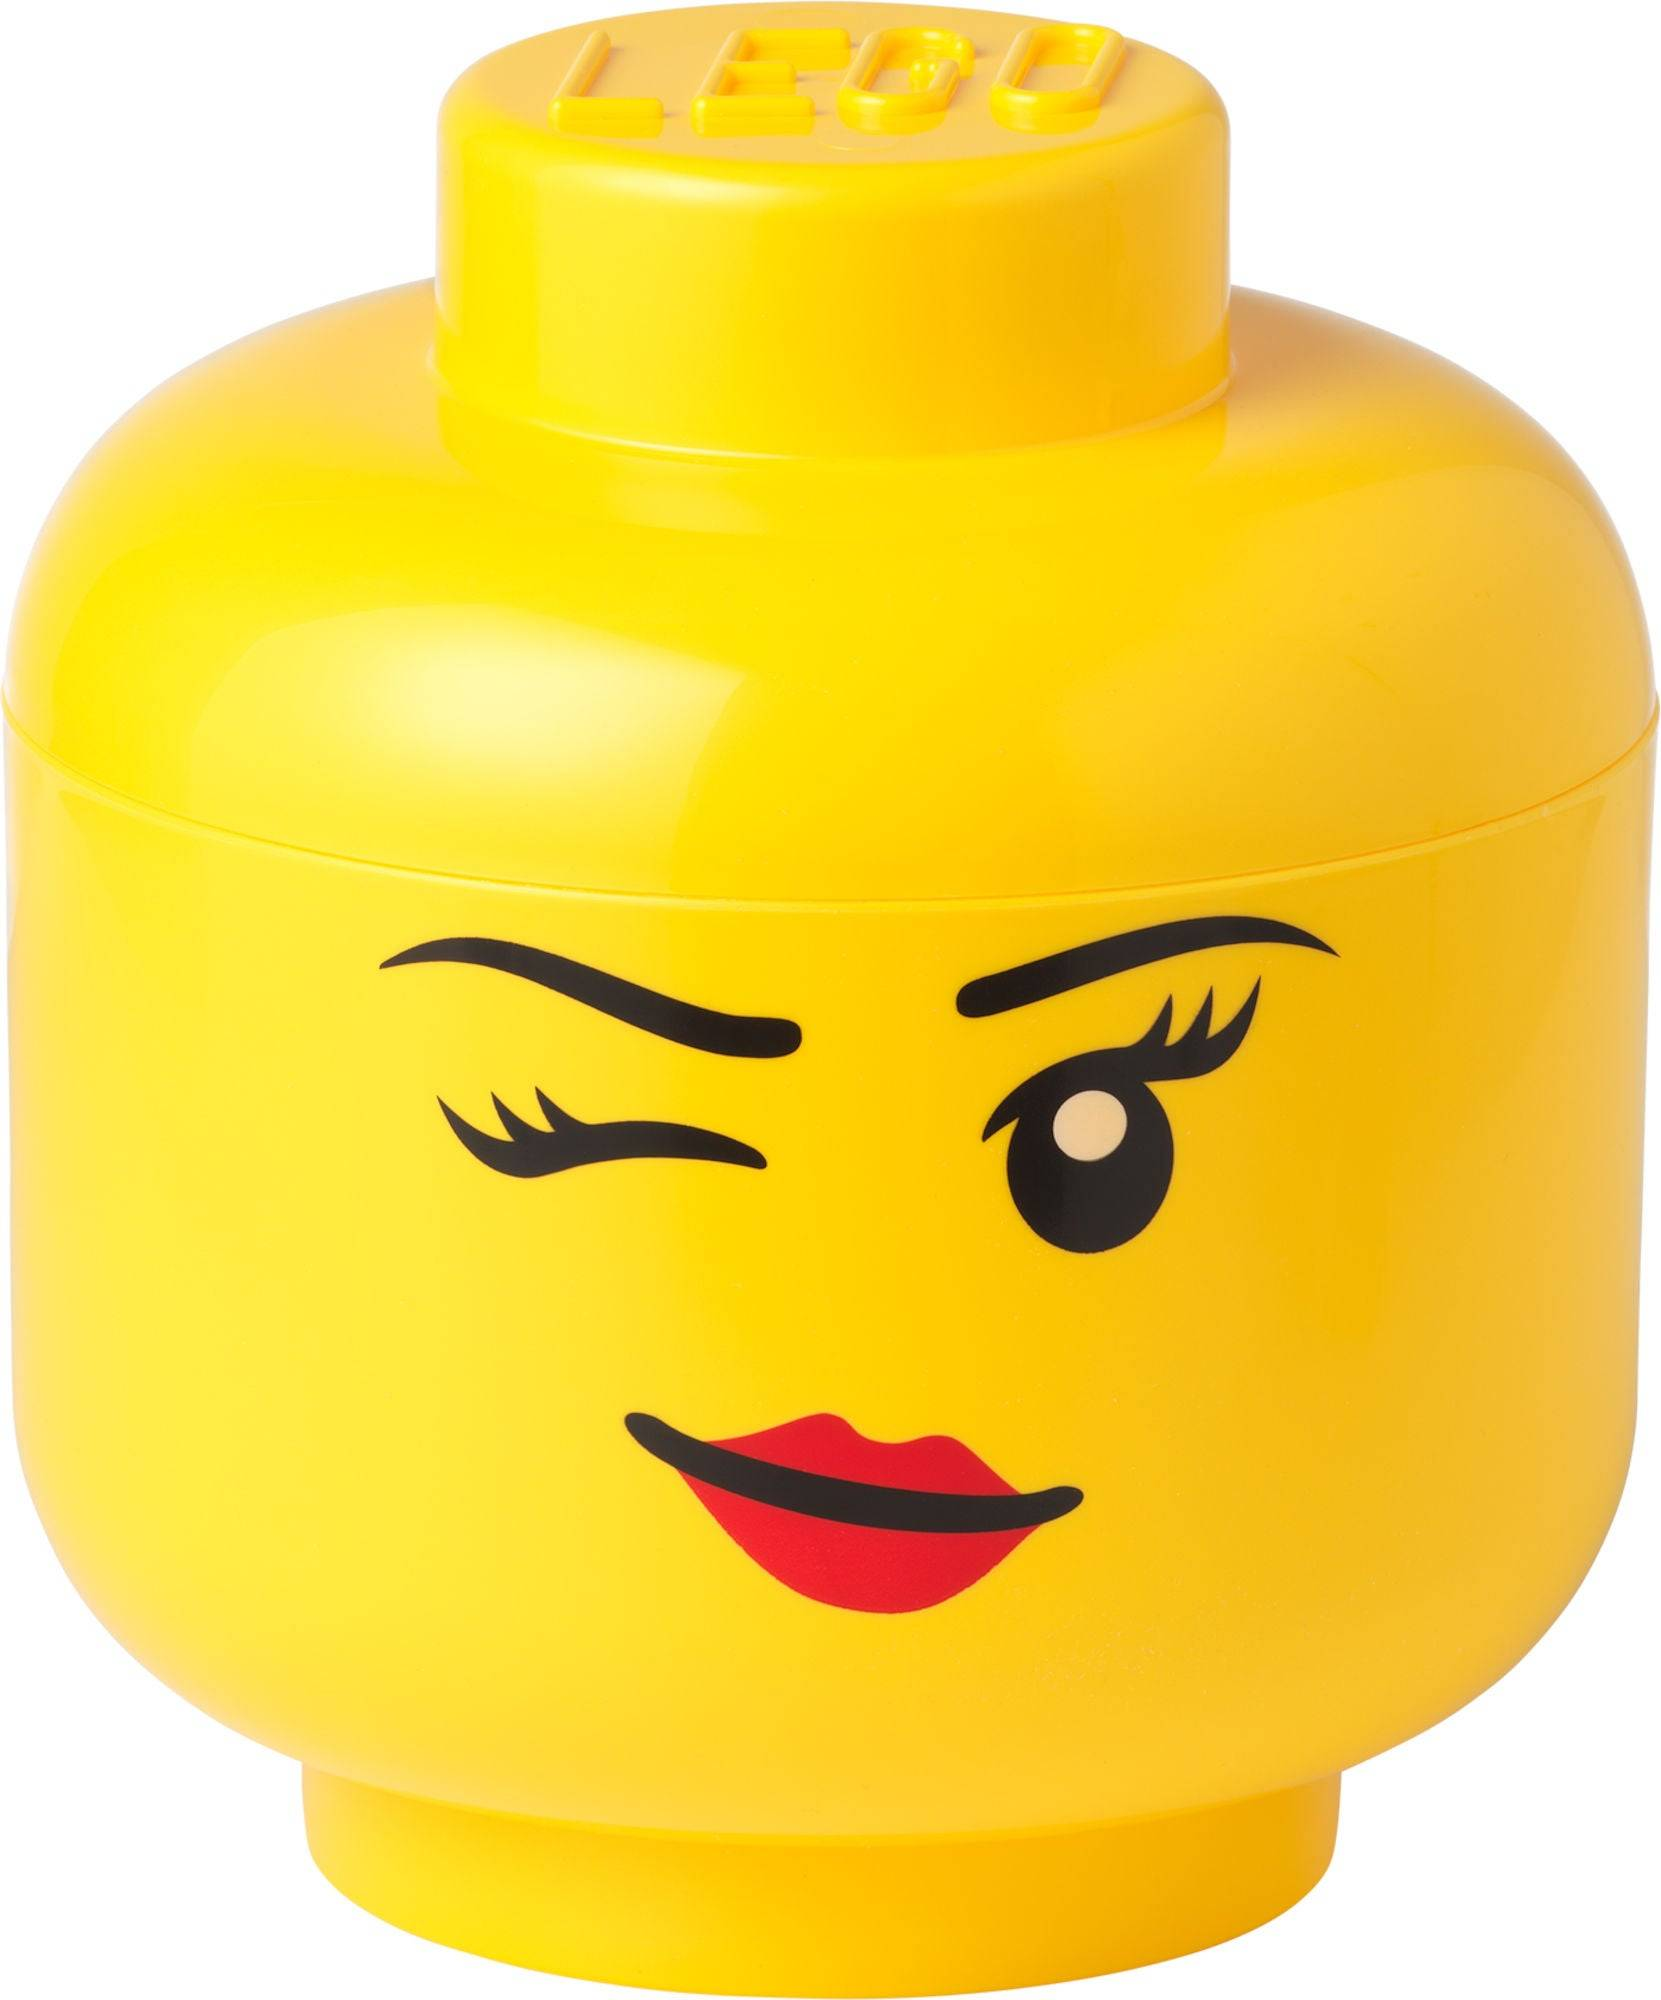 Lego Oppbevaring L Blunke, Gul